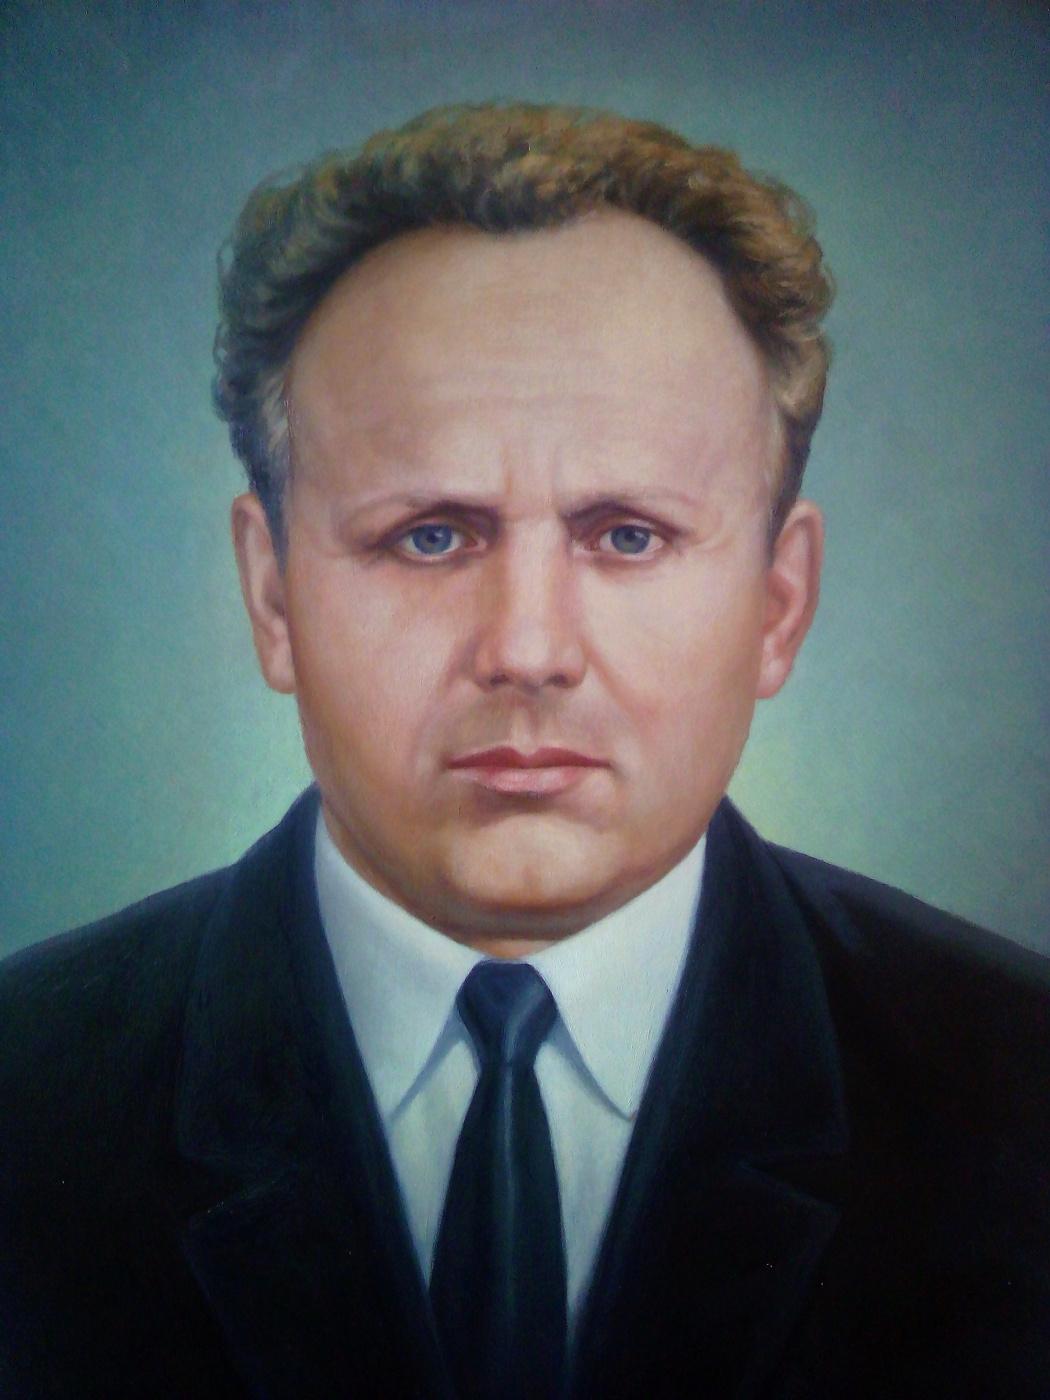 Ruslan Vasilievich Derevtsov. Portrait of a man